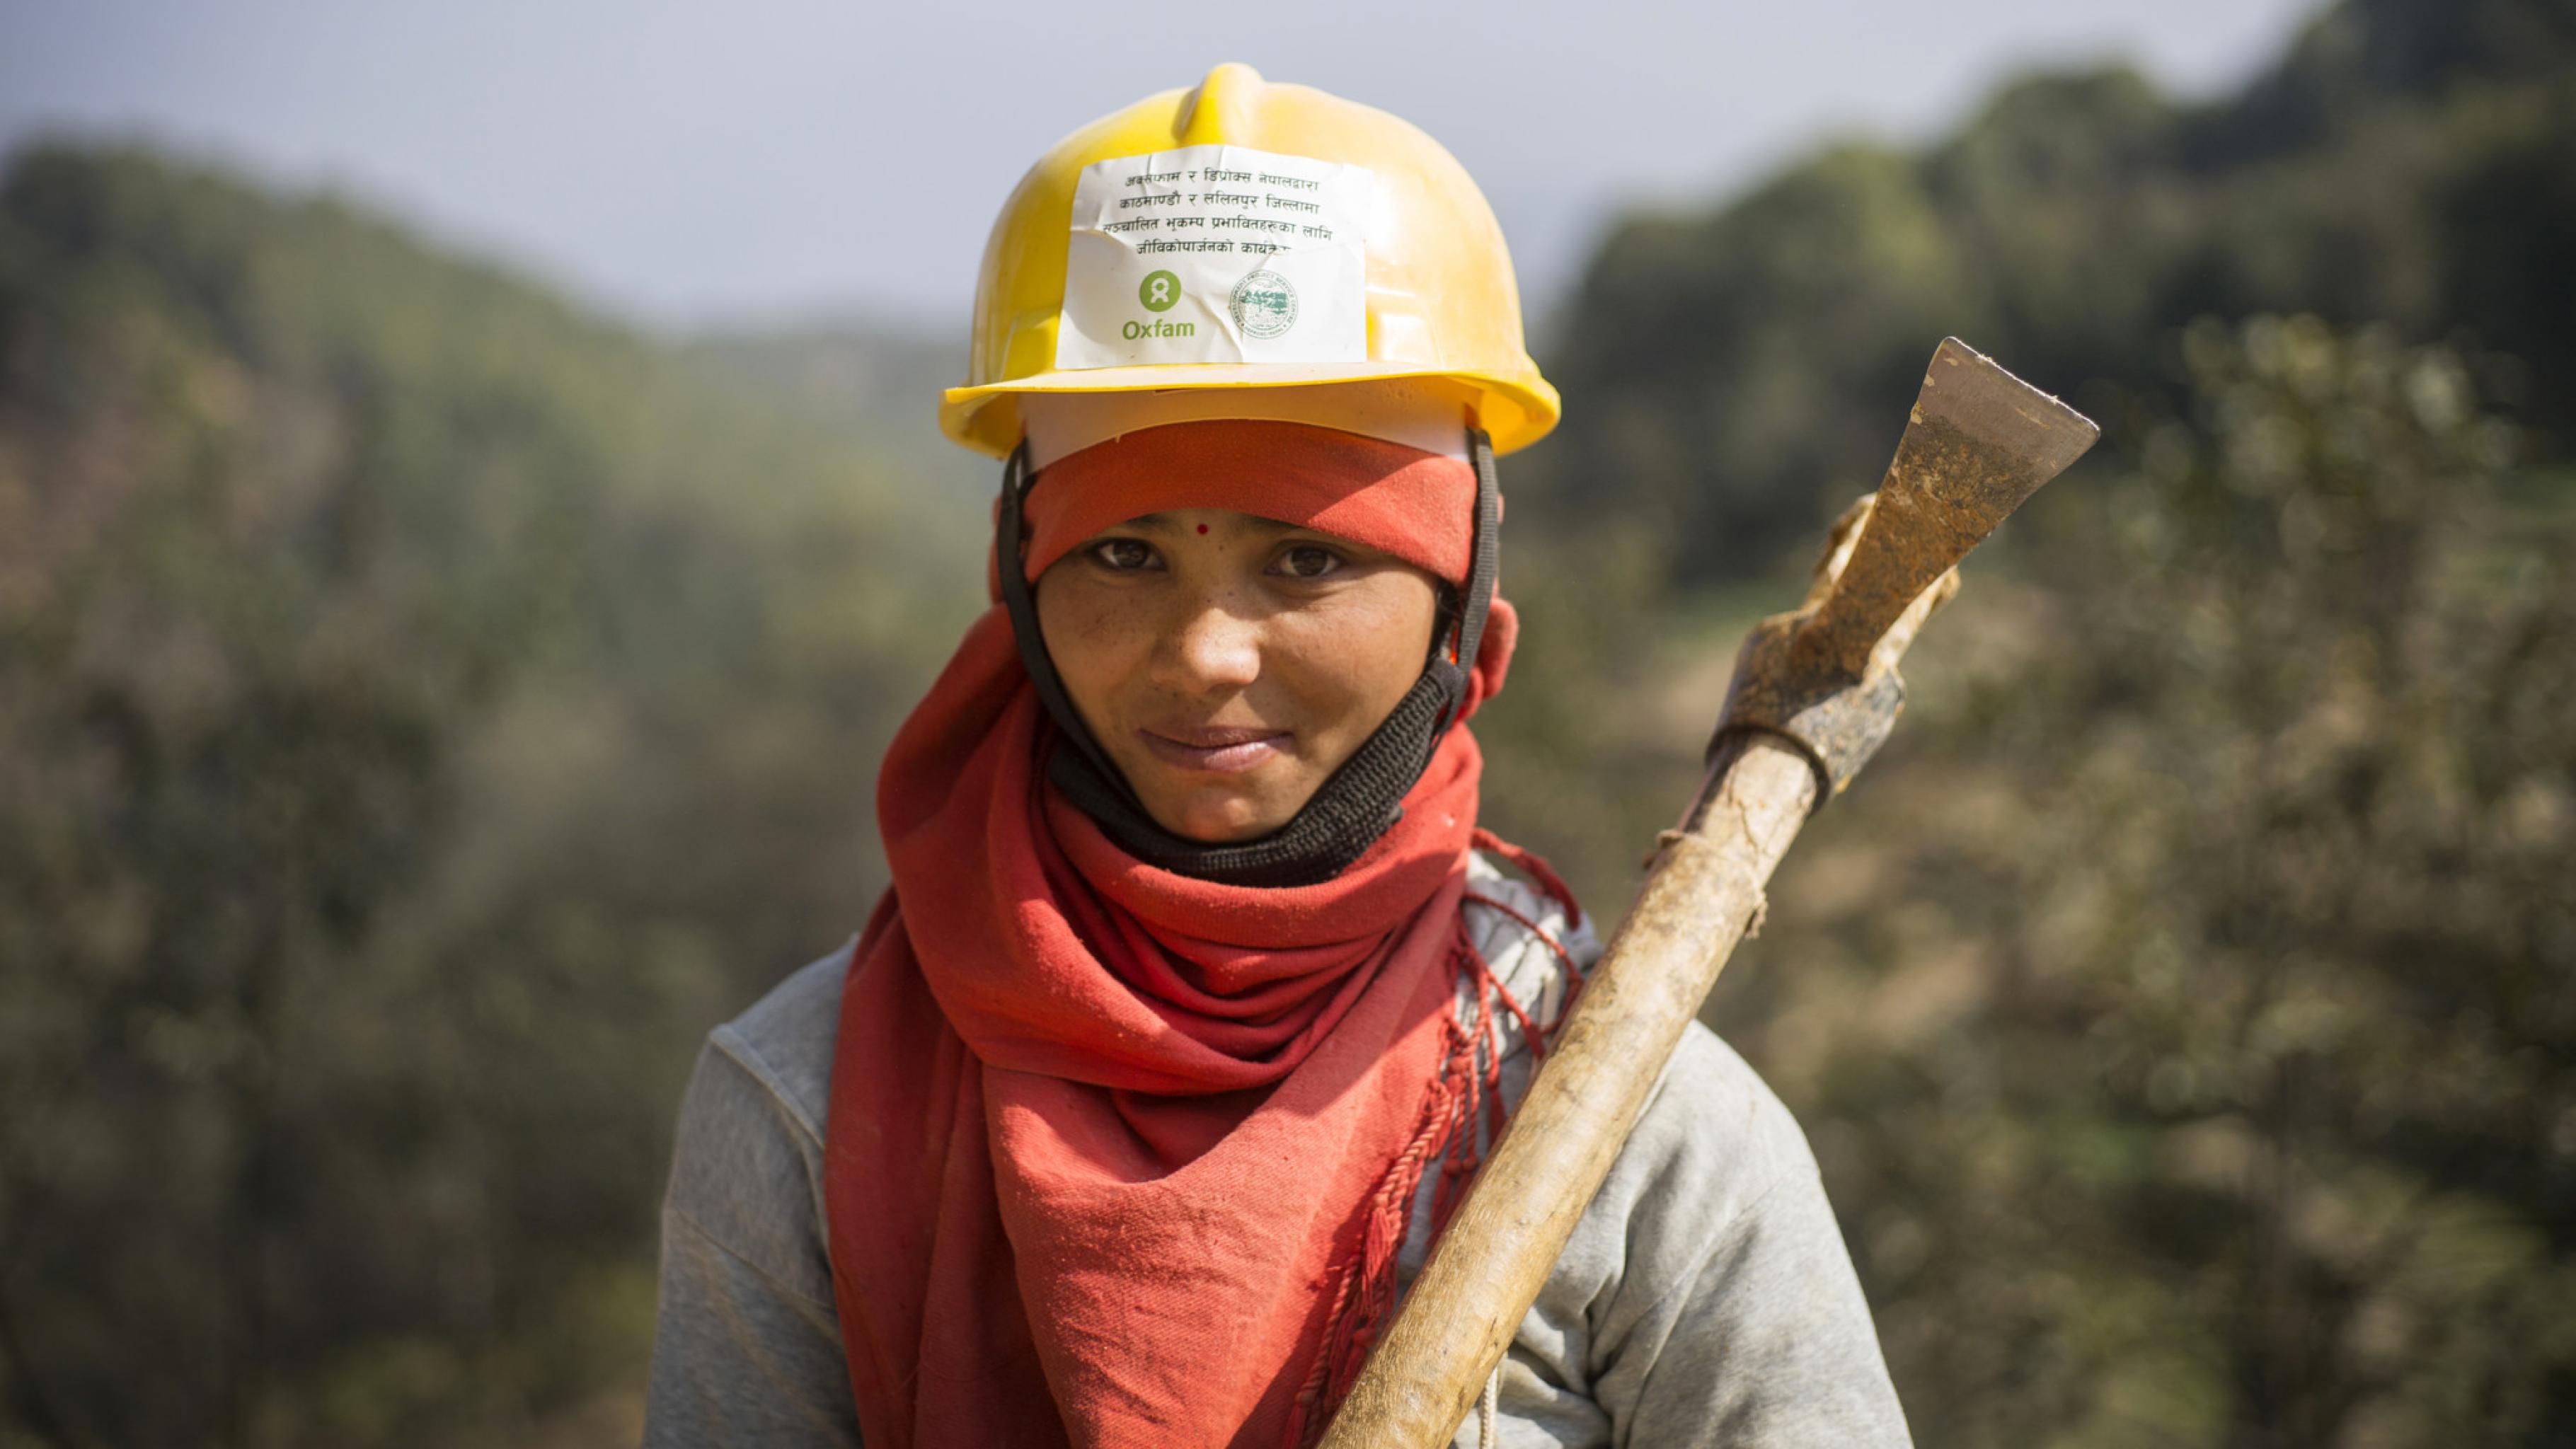 Eine Frau in Nepal mit einer Spitzhacke